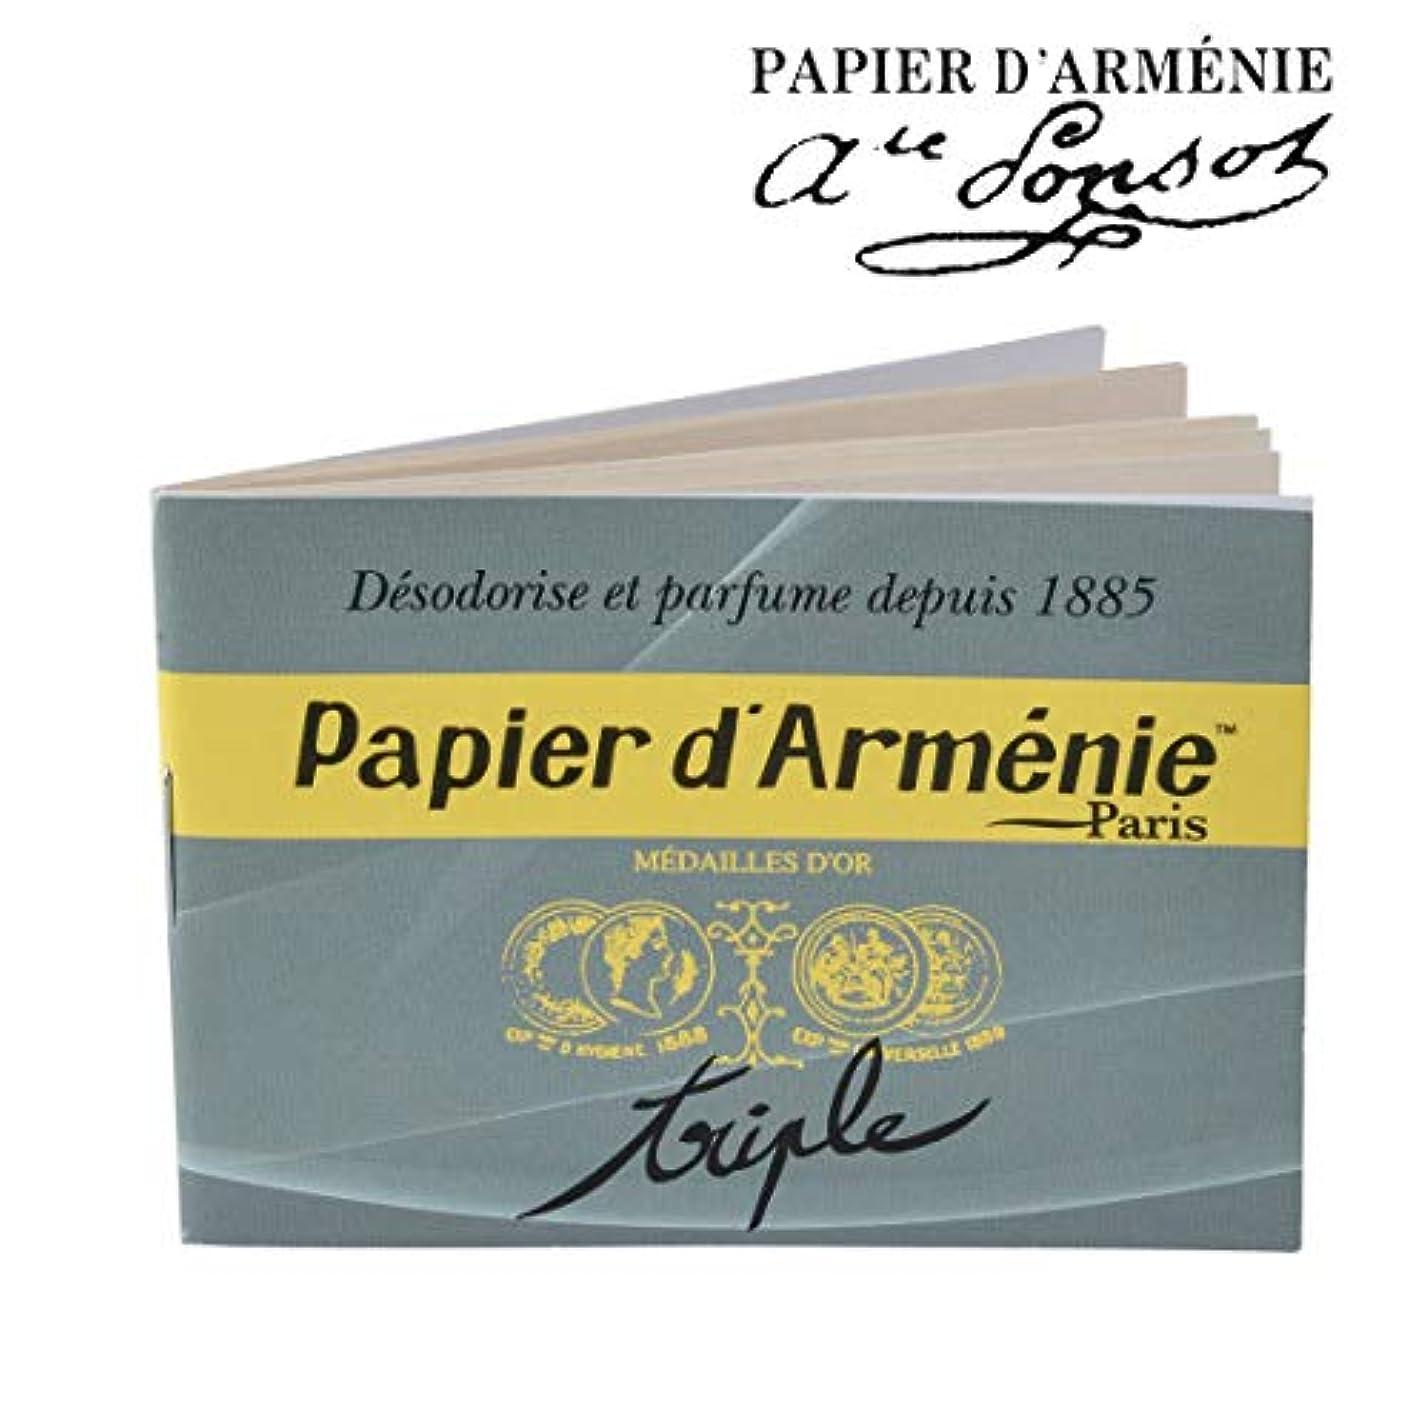 文献解体するチャンピオンpapier d armenie パピエダルメニイ トリプル